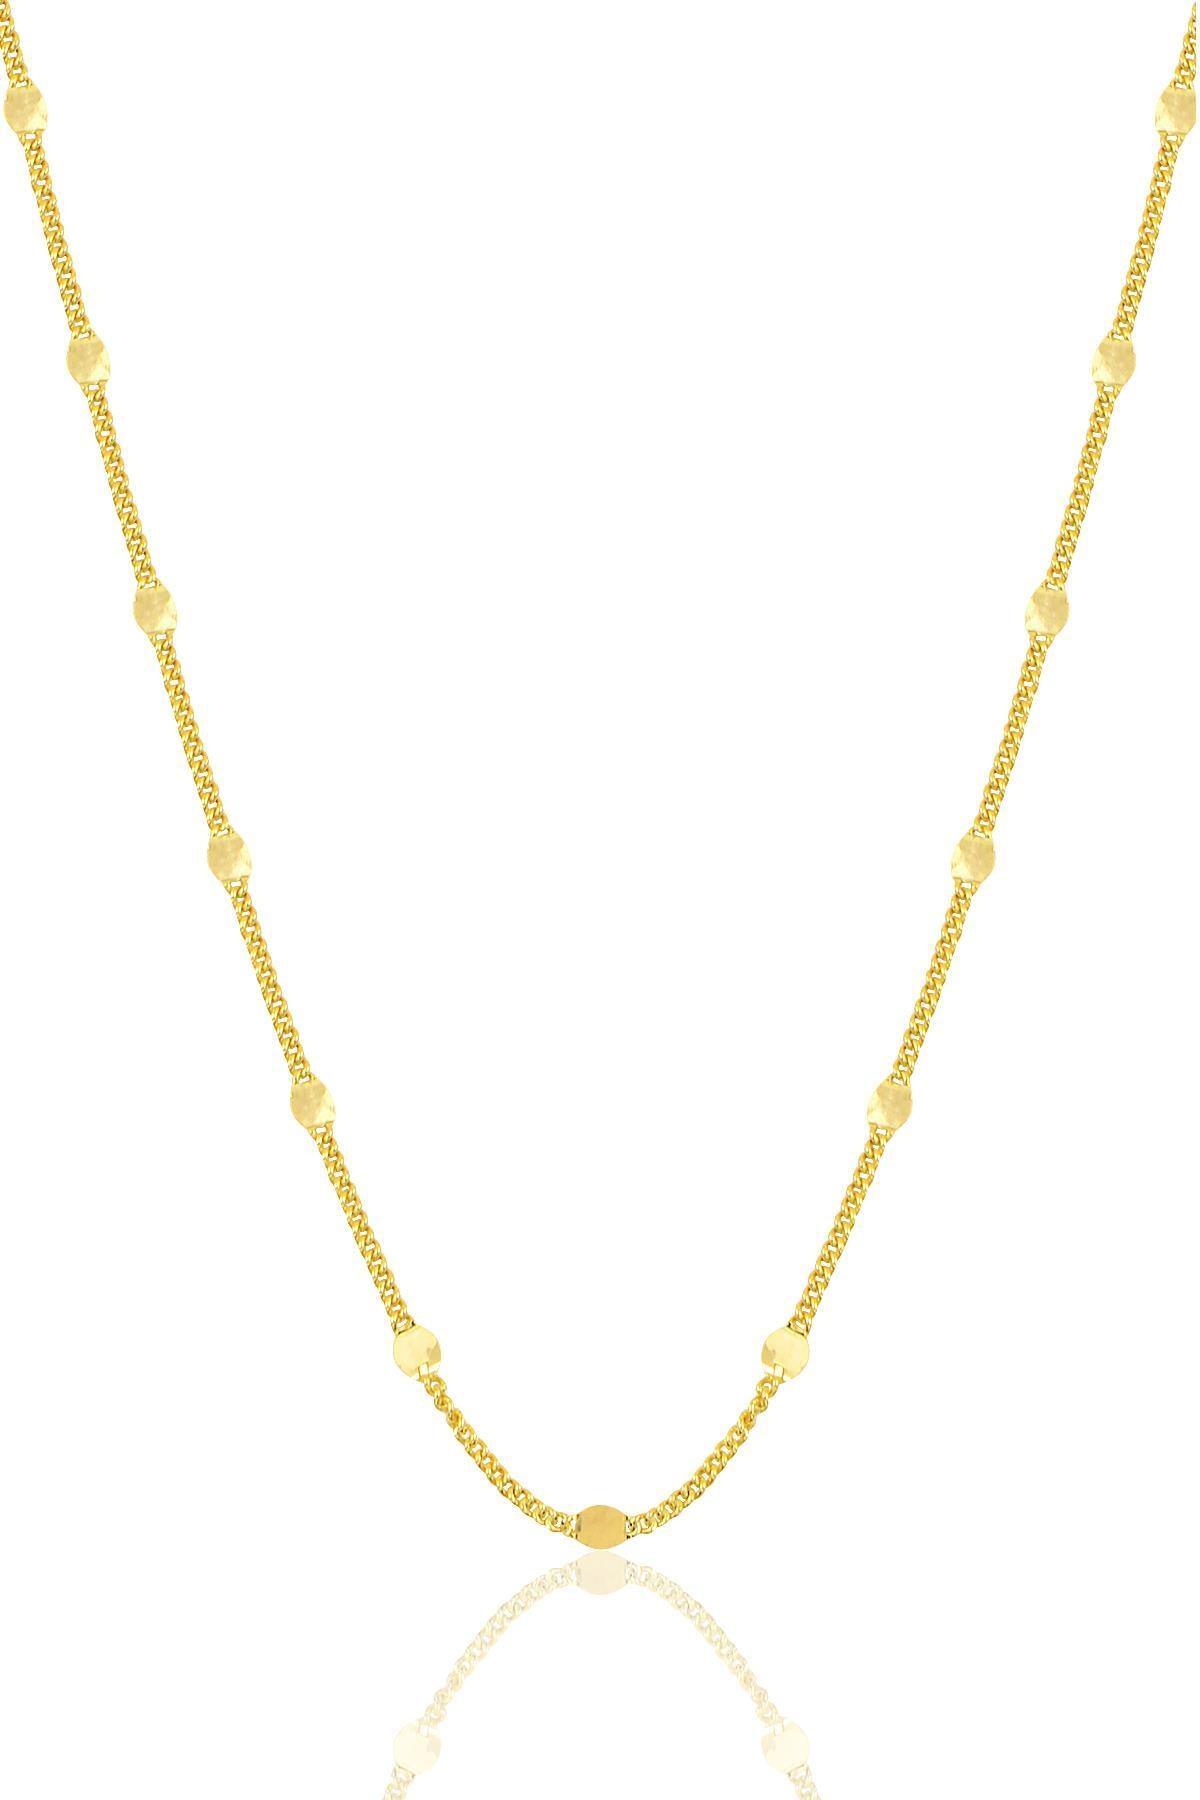 Söğütlü Silver Gümüş Altın Yaldızlı Pullu Gurmet  Zincir. 0